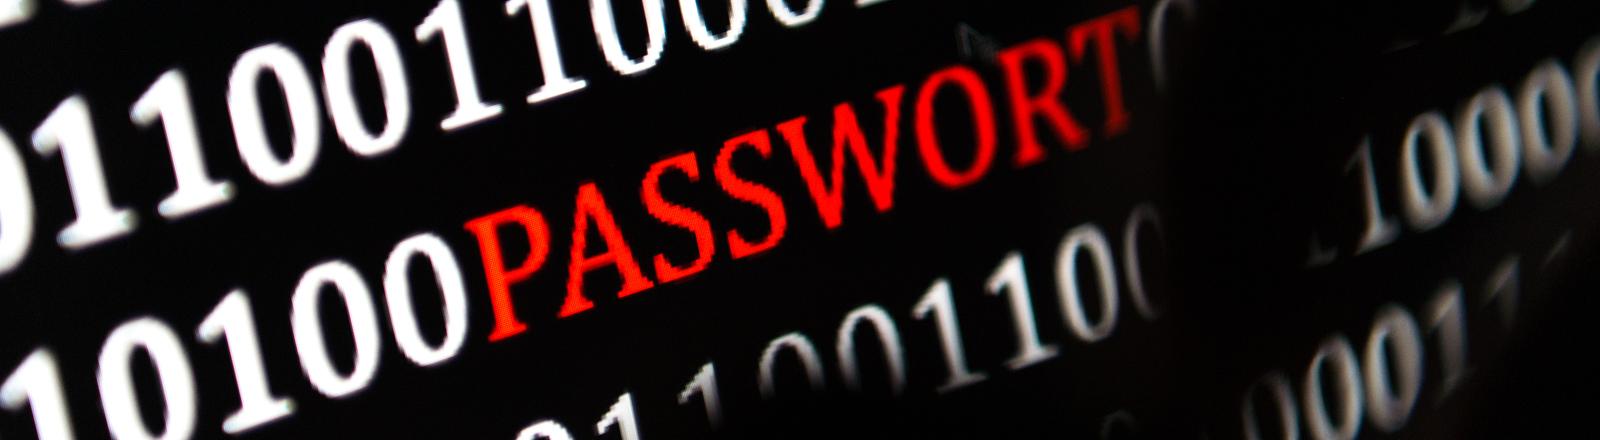 """Auf einem Monitor steht """"Passwort""""."""